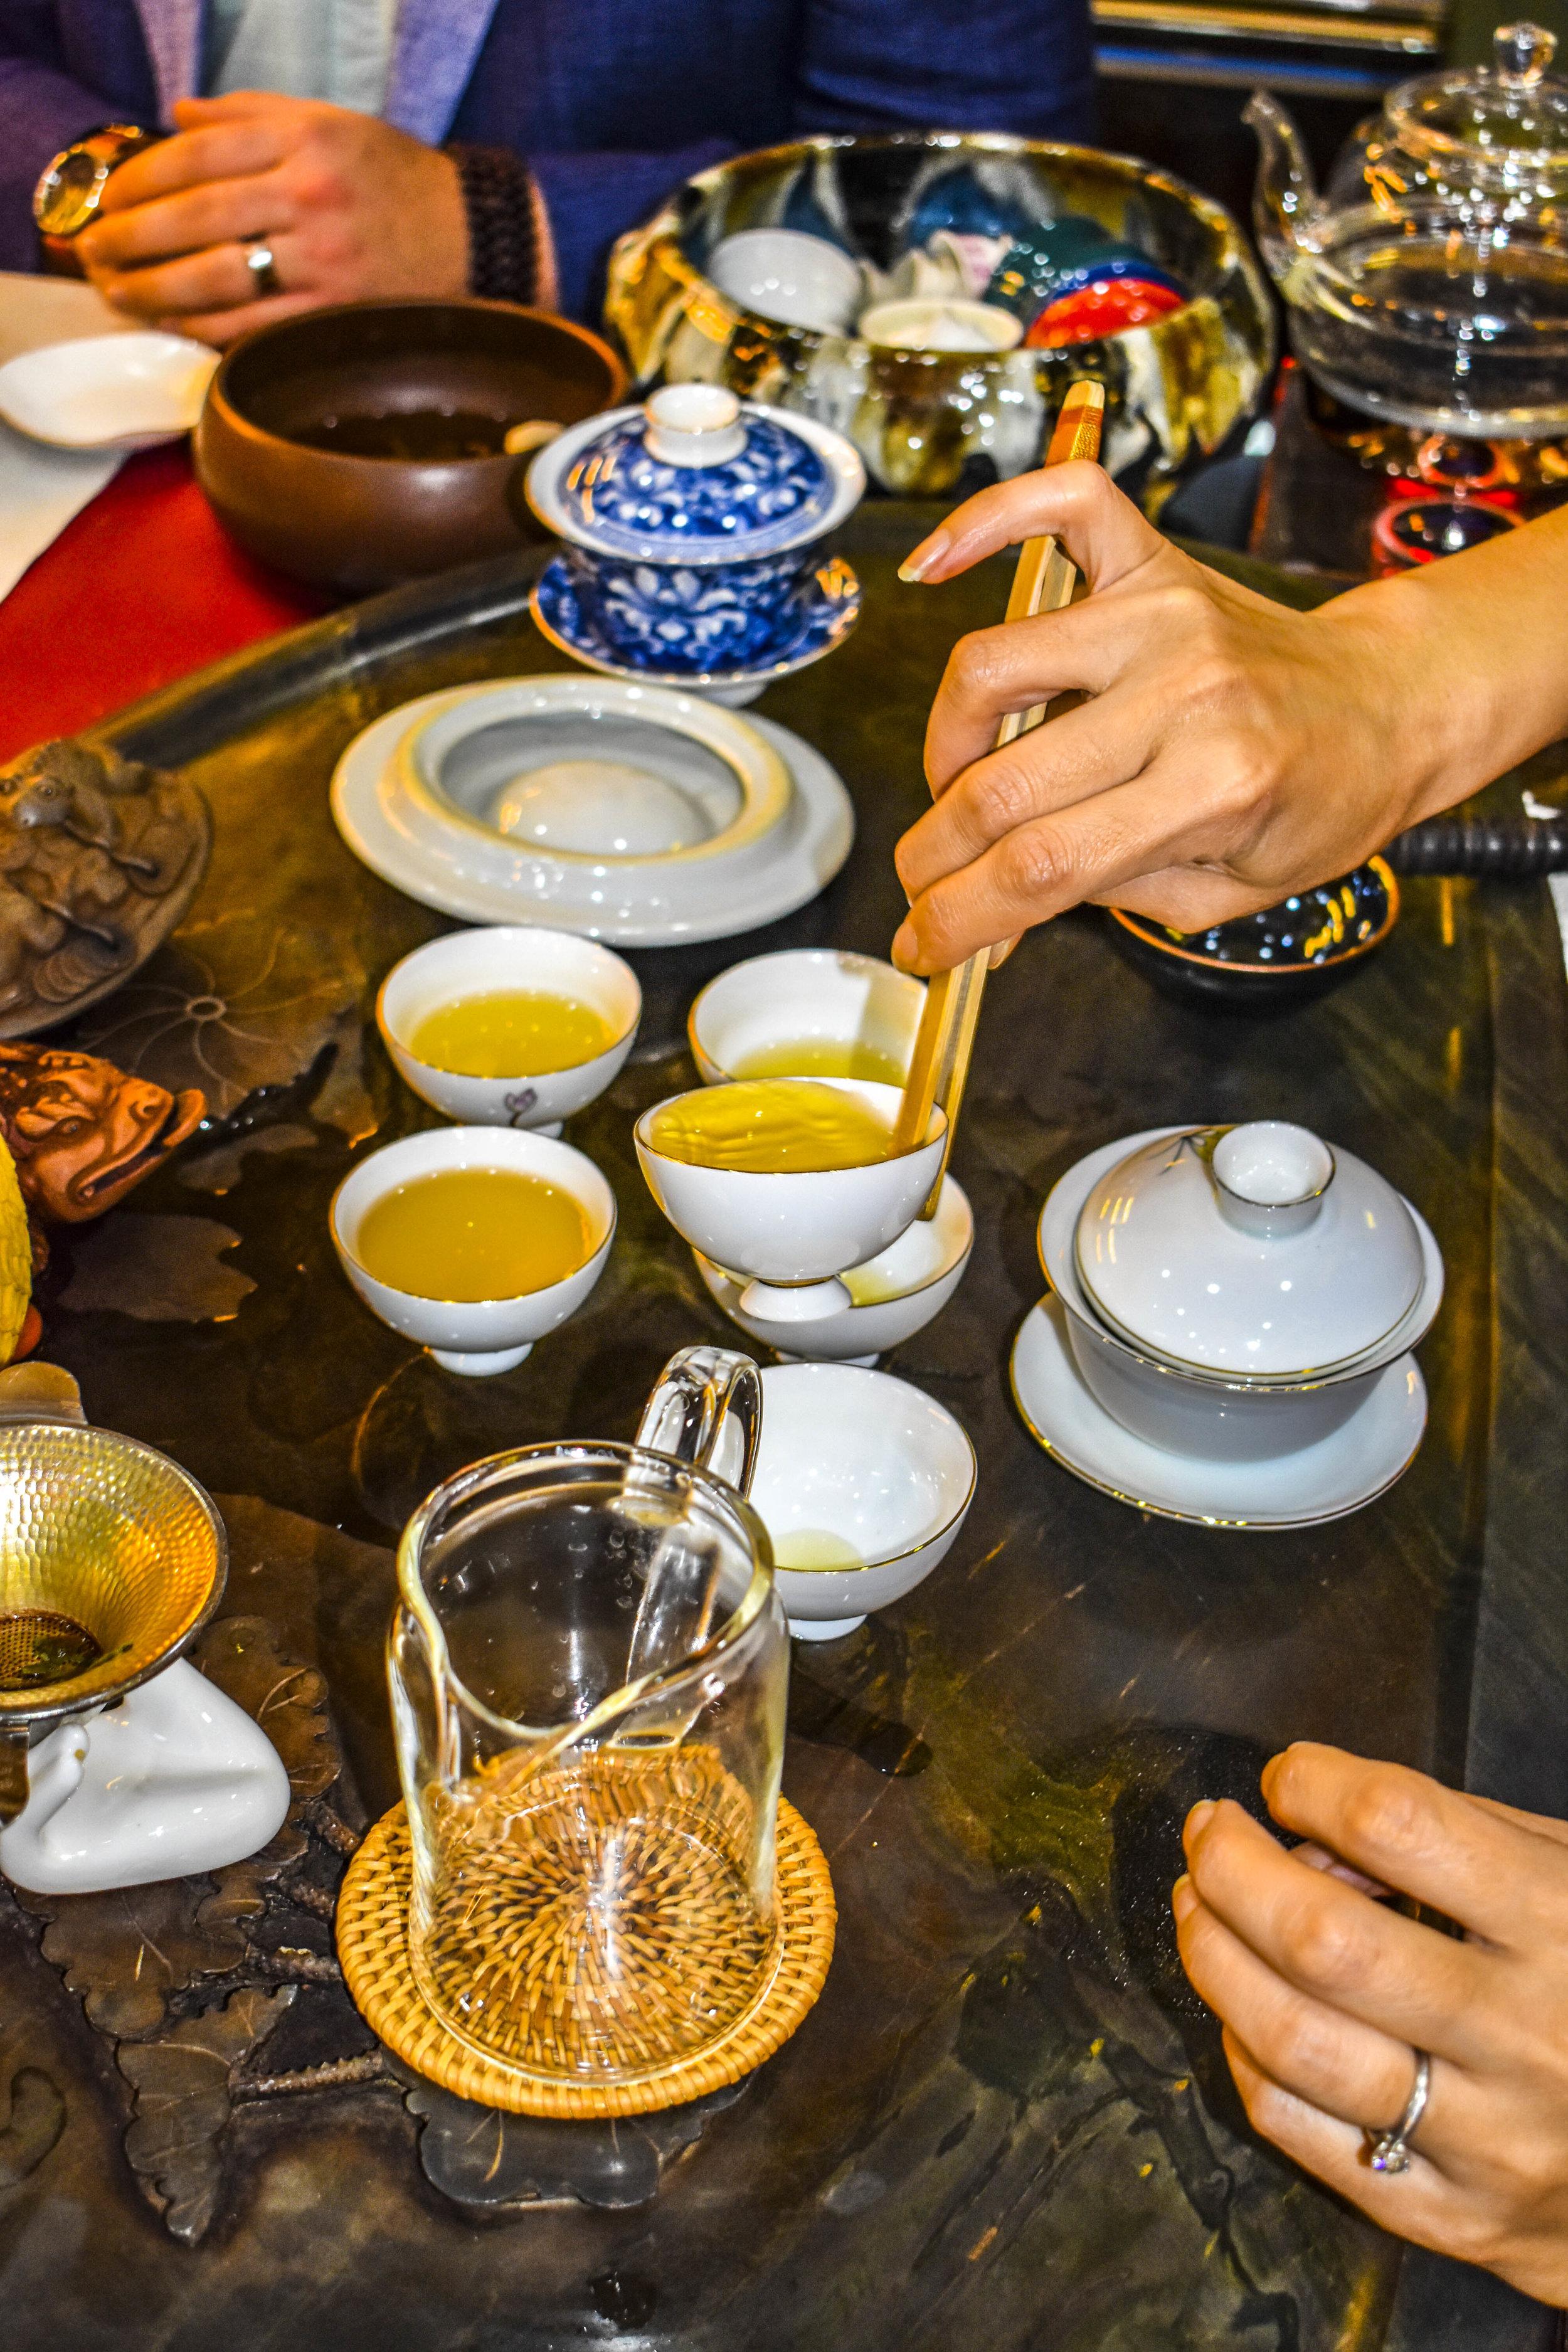 tailor-made-shanghai-sightseeing-tour-tea-tasting.jpg